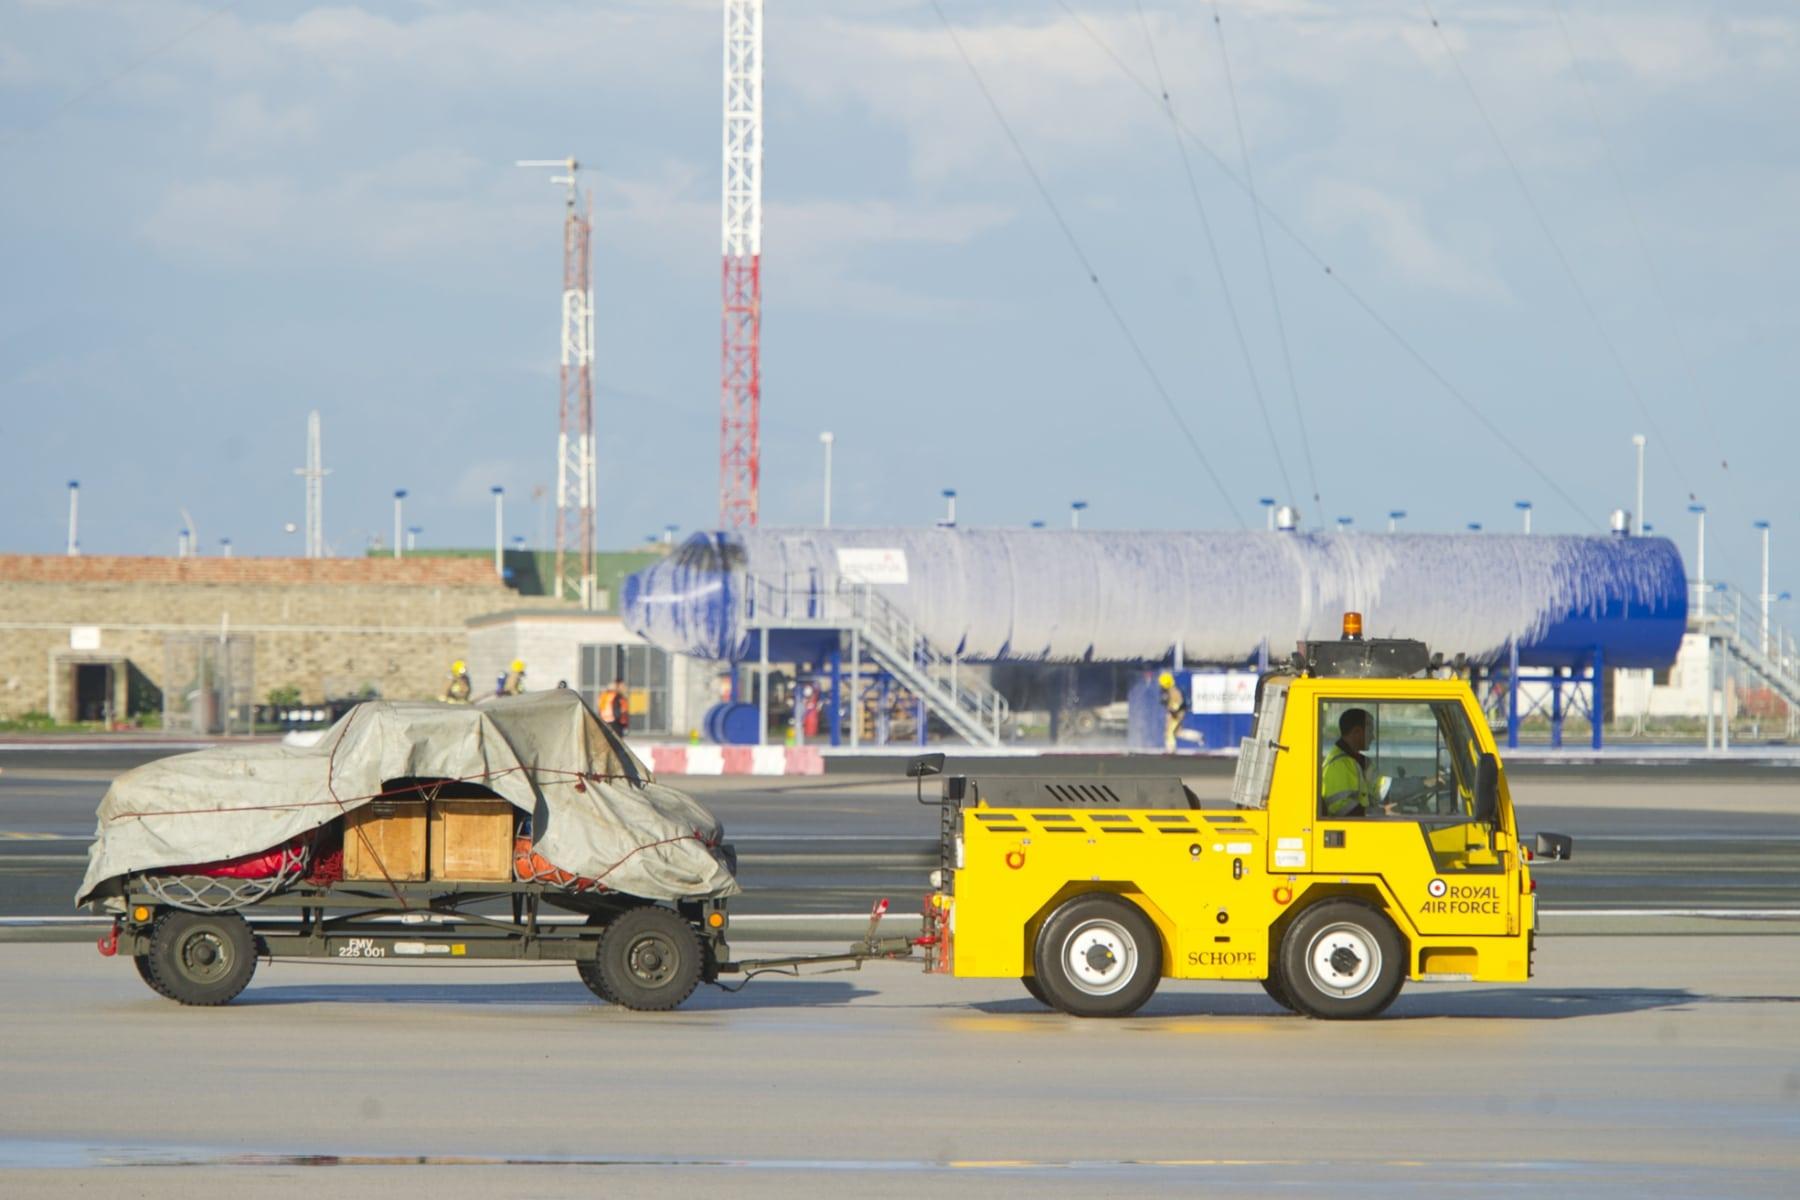 simulacro-accidente-aereo-en-gibraltar-03122014-14_15918121076_o